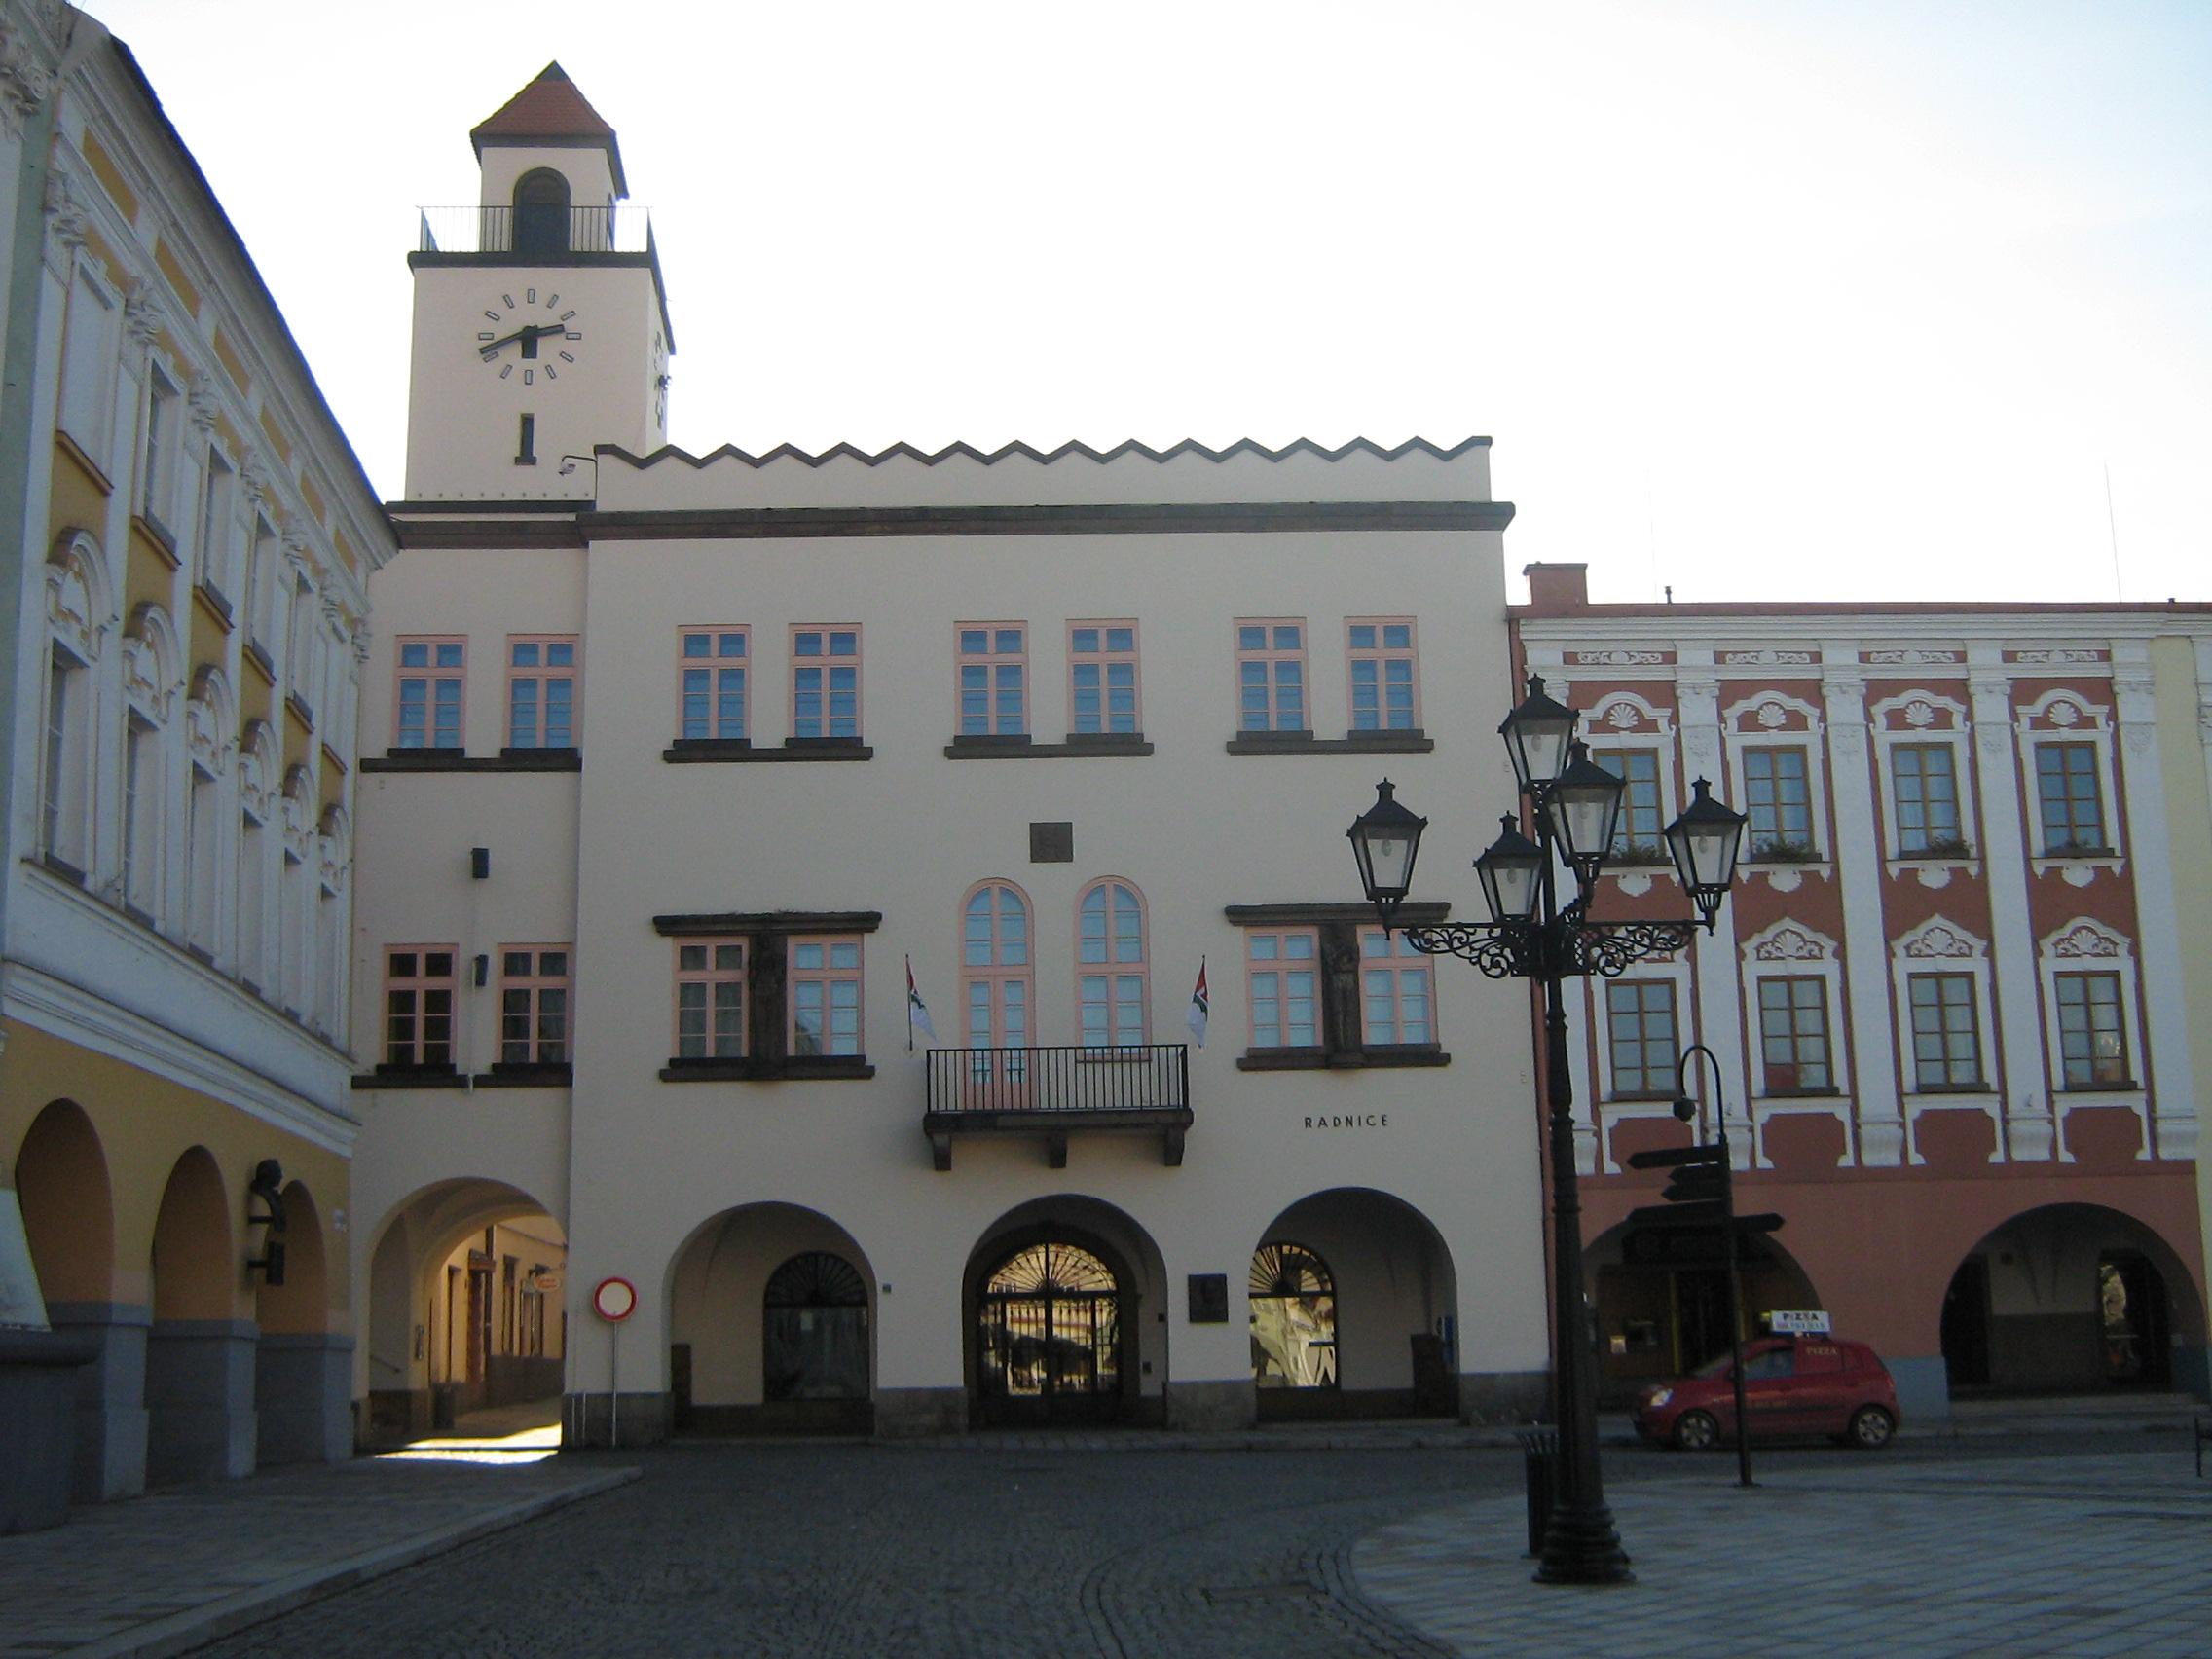 Nový Jičín radnice